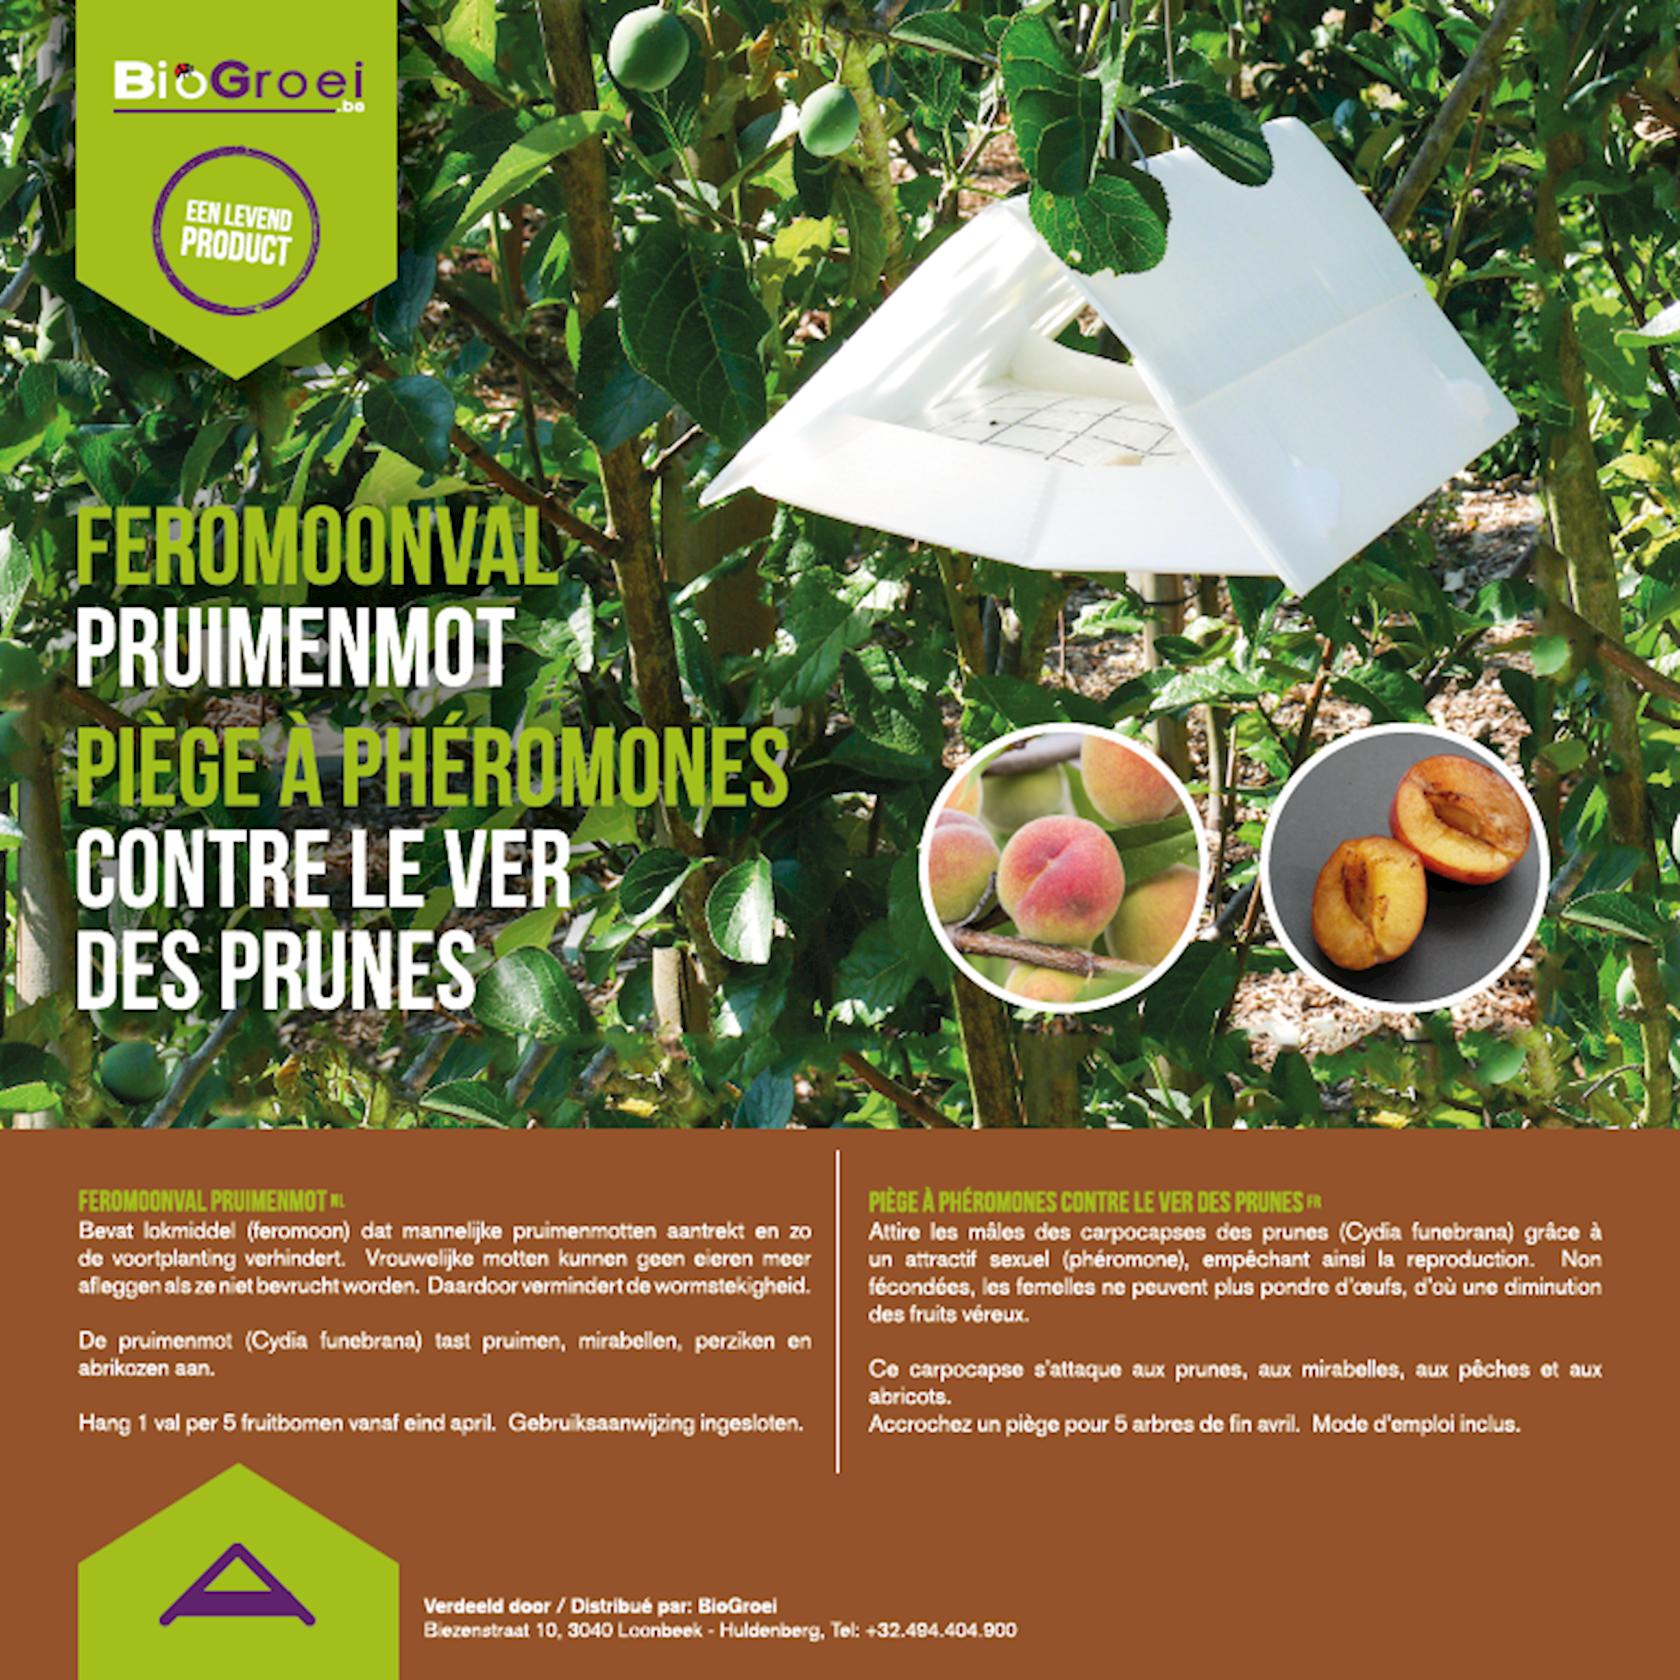 Feromoonval tegen pruimenmot + 2 feromooncapsules